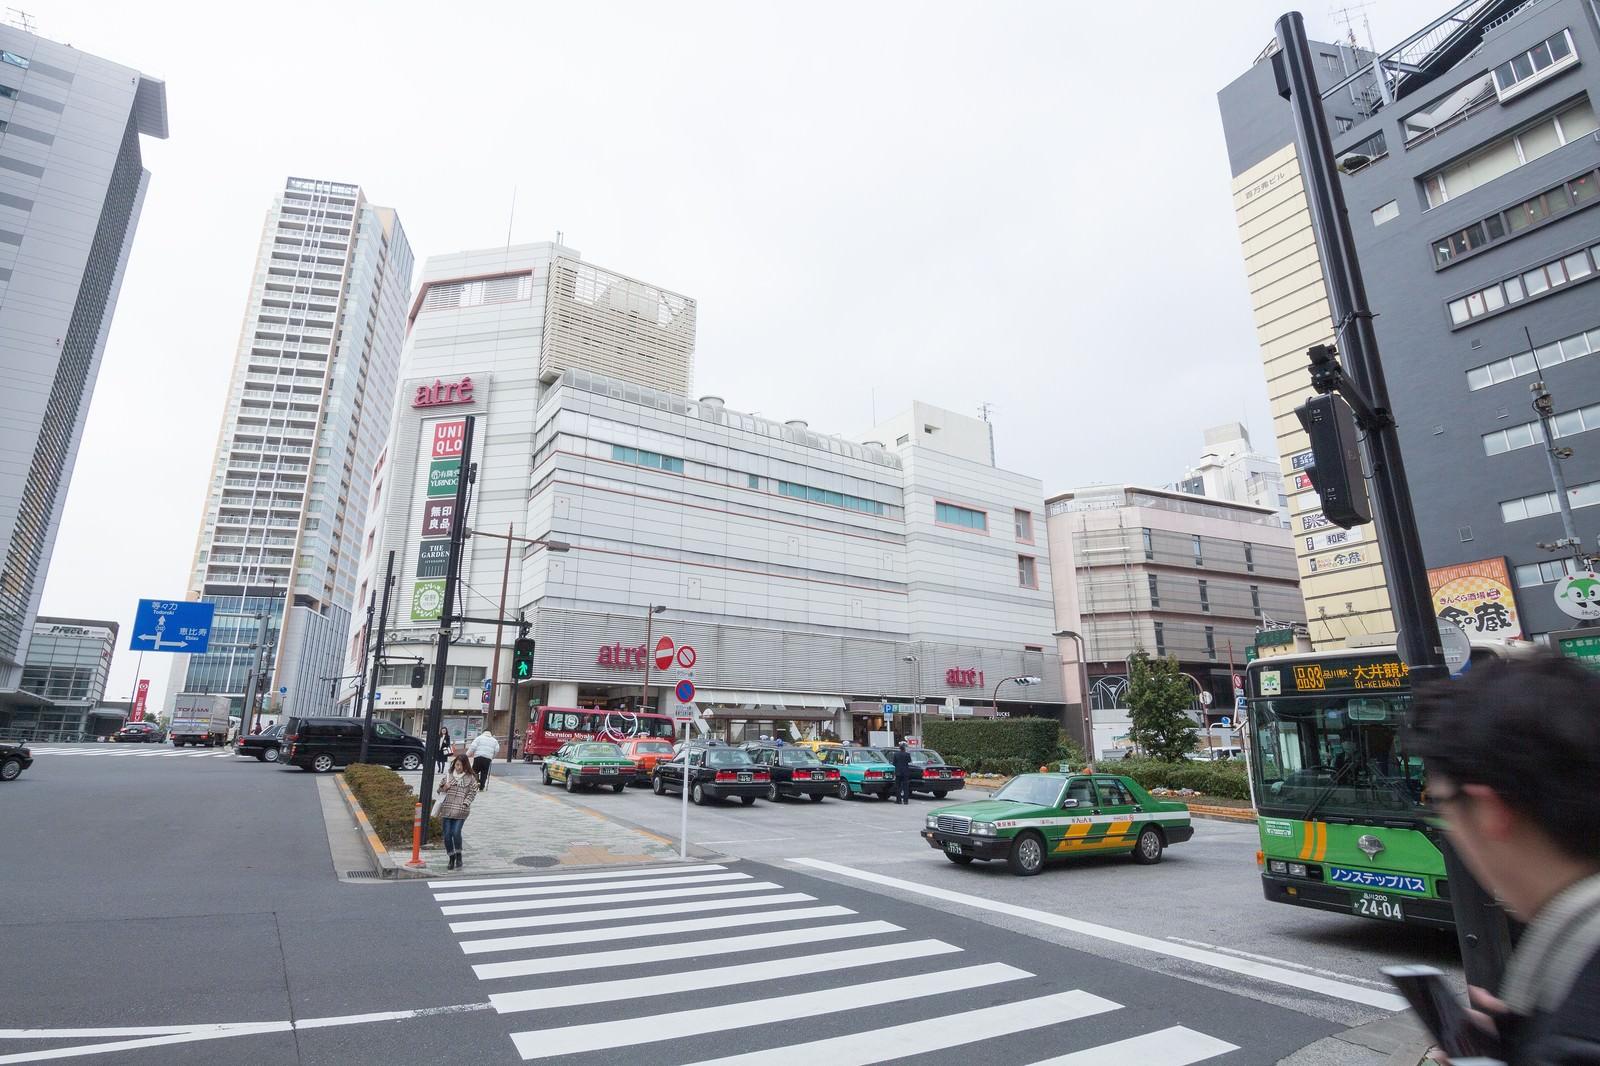 「目黒駅前(西口)」の写真